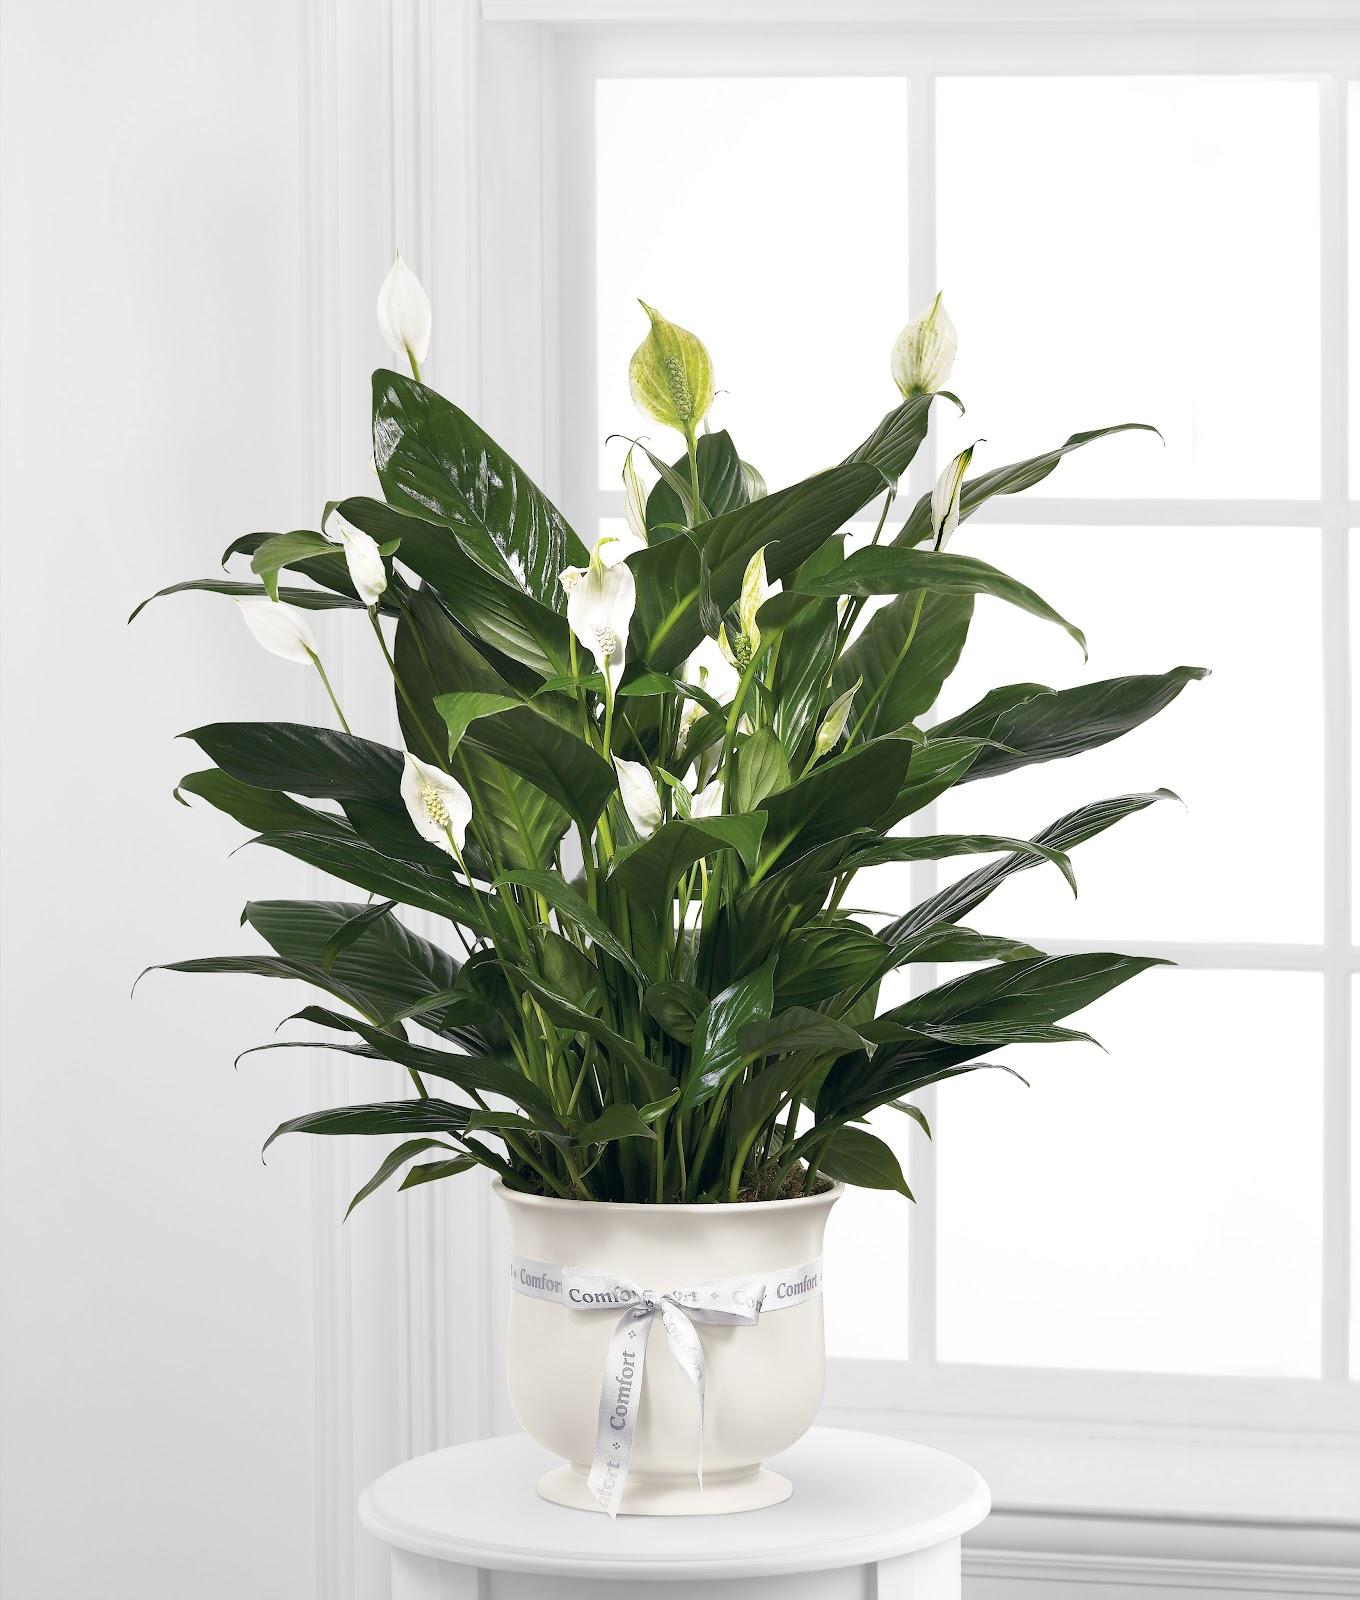 Tanaman hias Peace Lily yang beracun - source: fareastflora.com